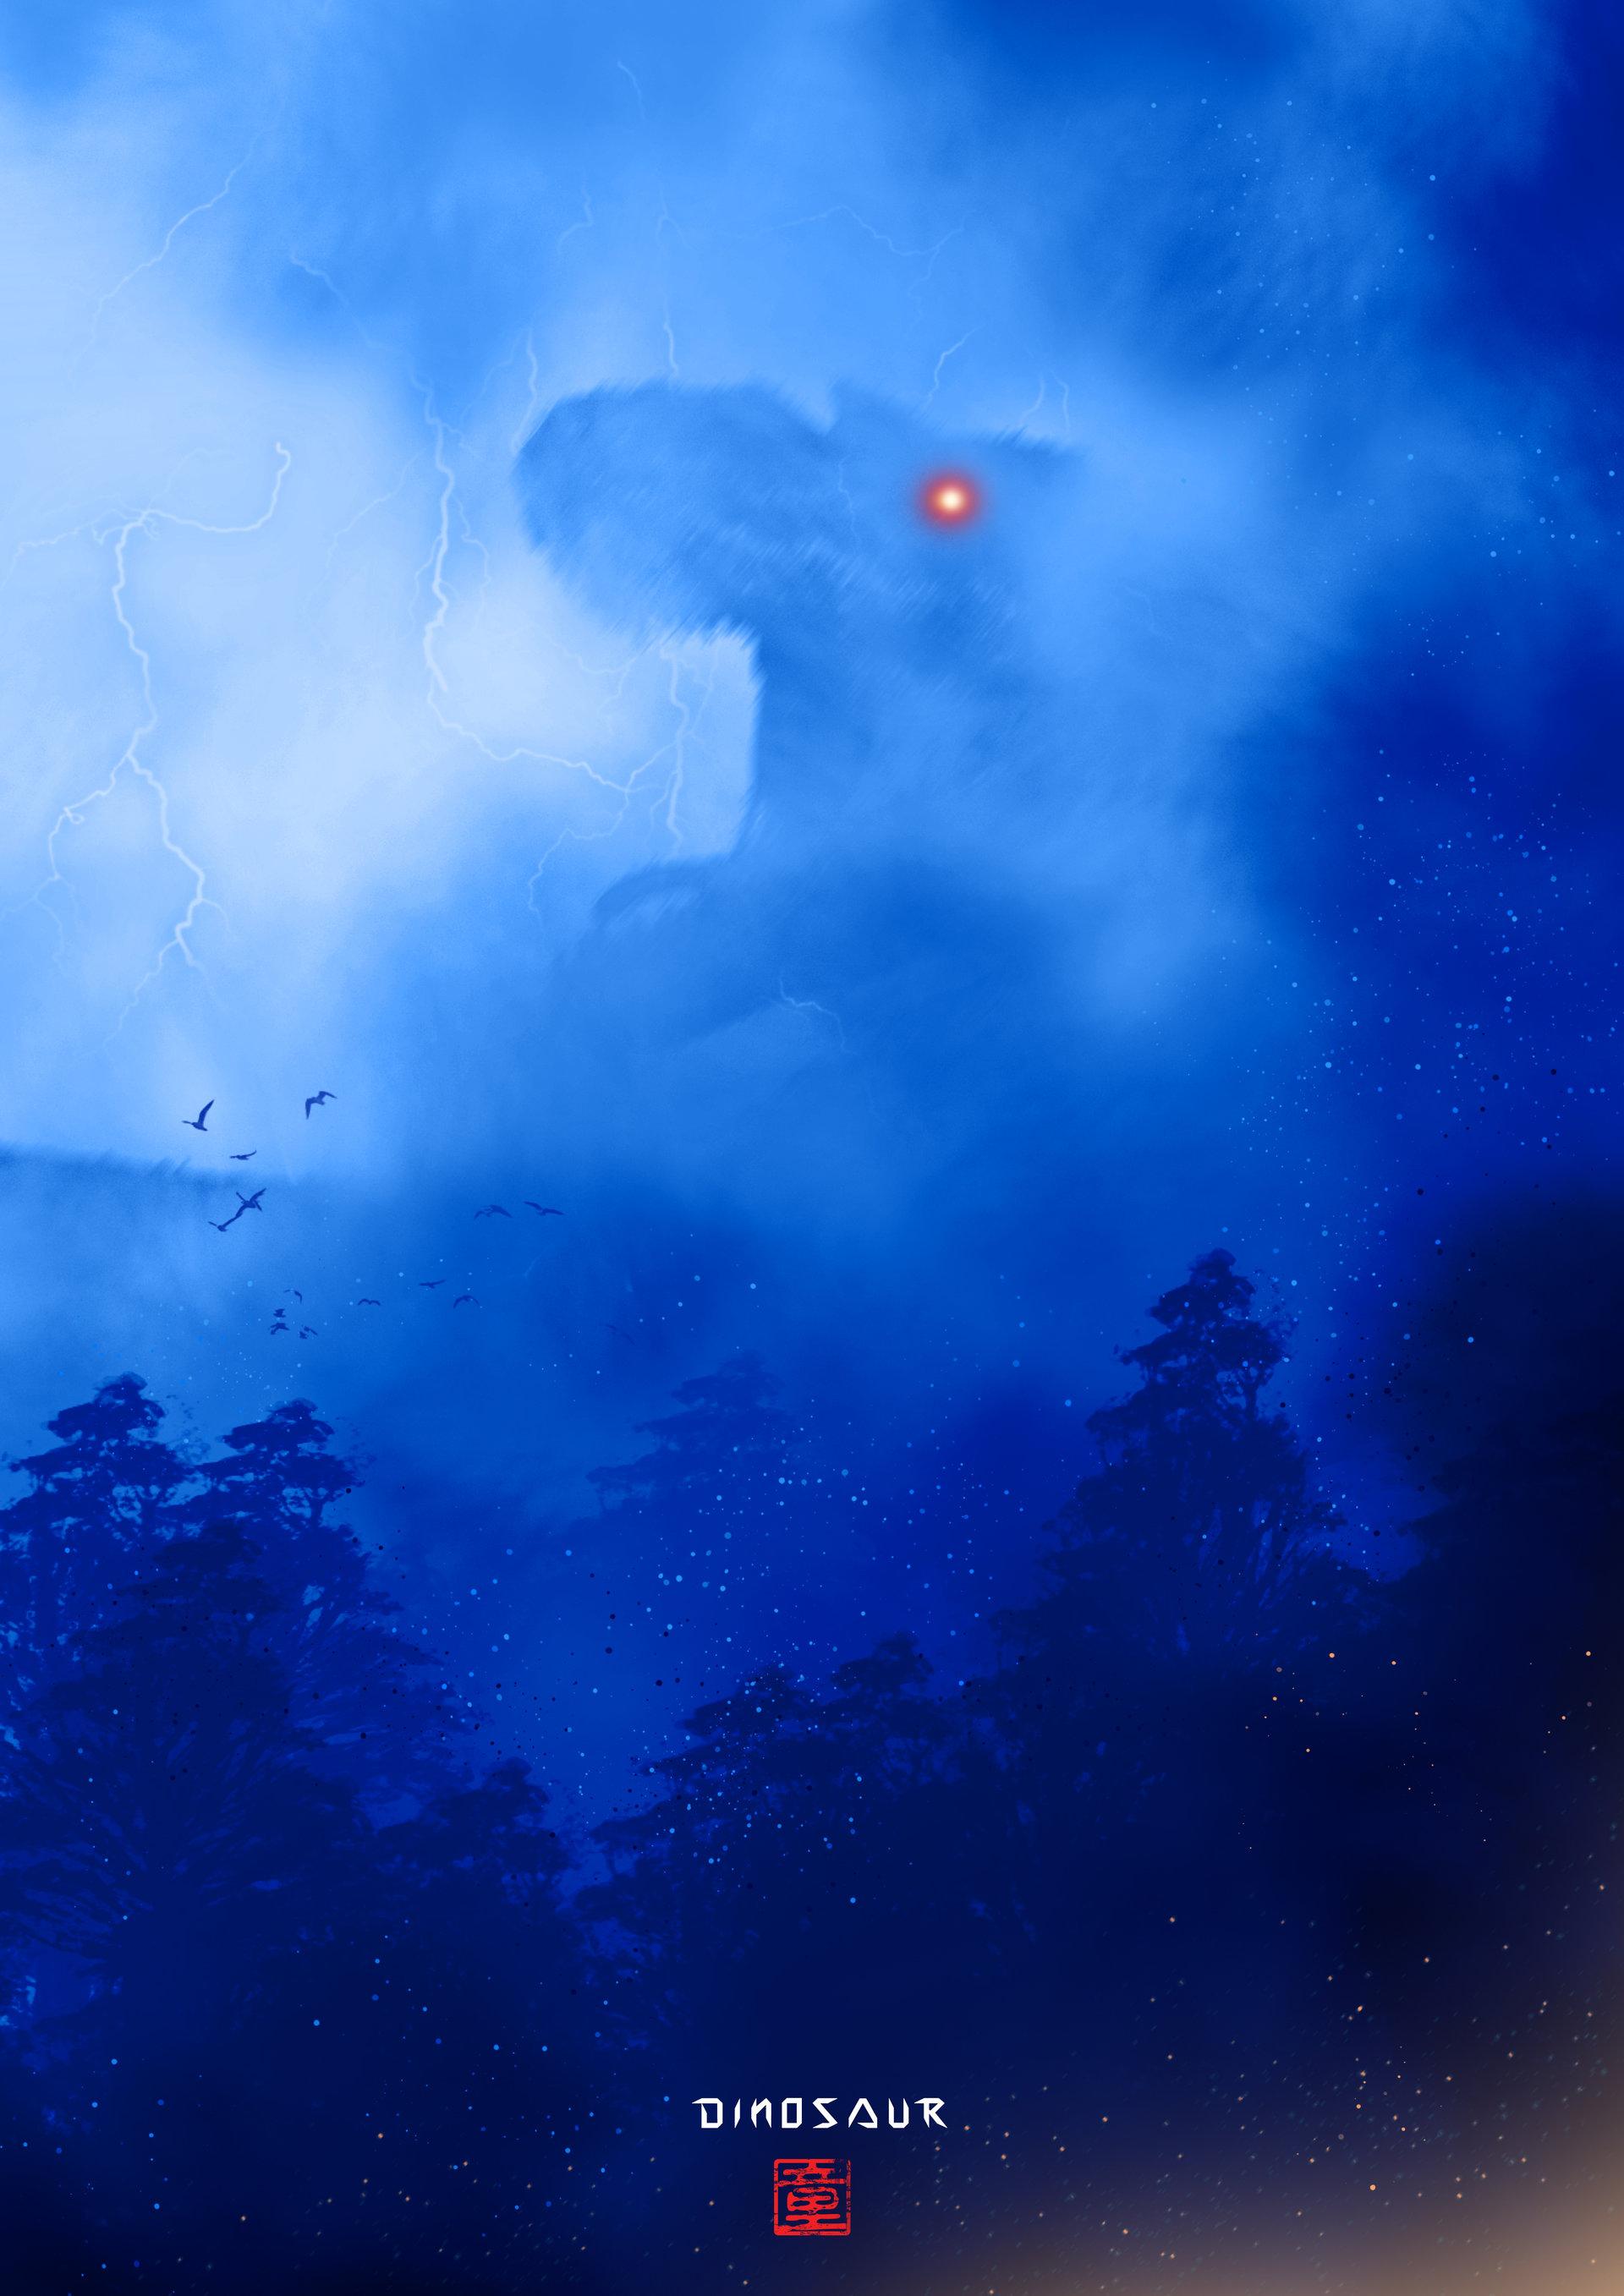 98529 скачать обои Динозавр, Монстр, Силуэт, Арт, Туман, Молнии - заставки и картинки бесплатно